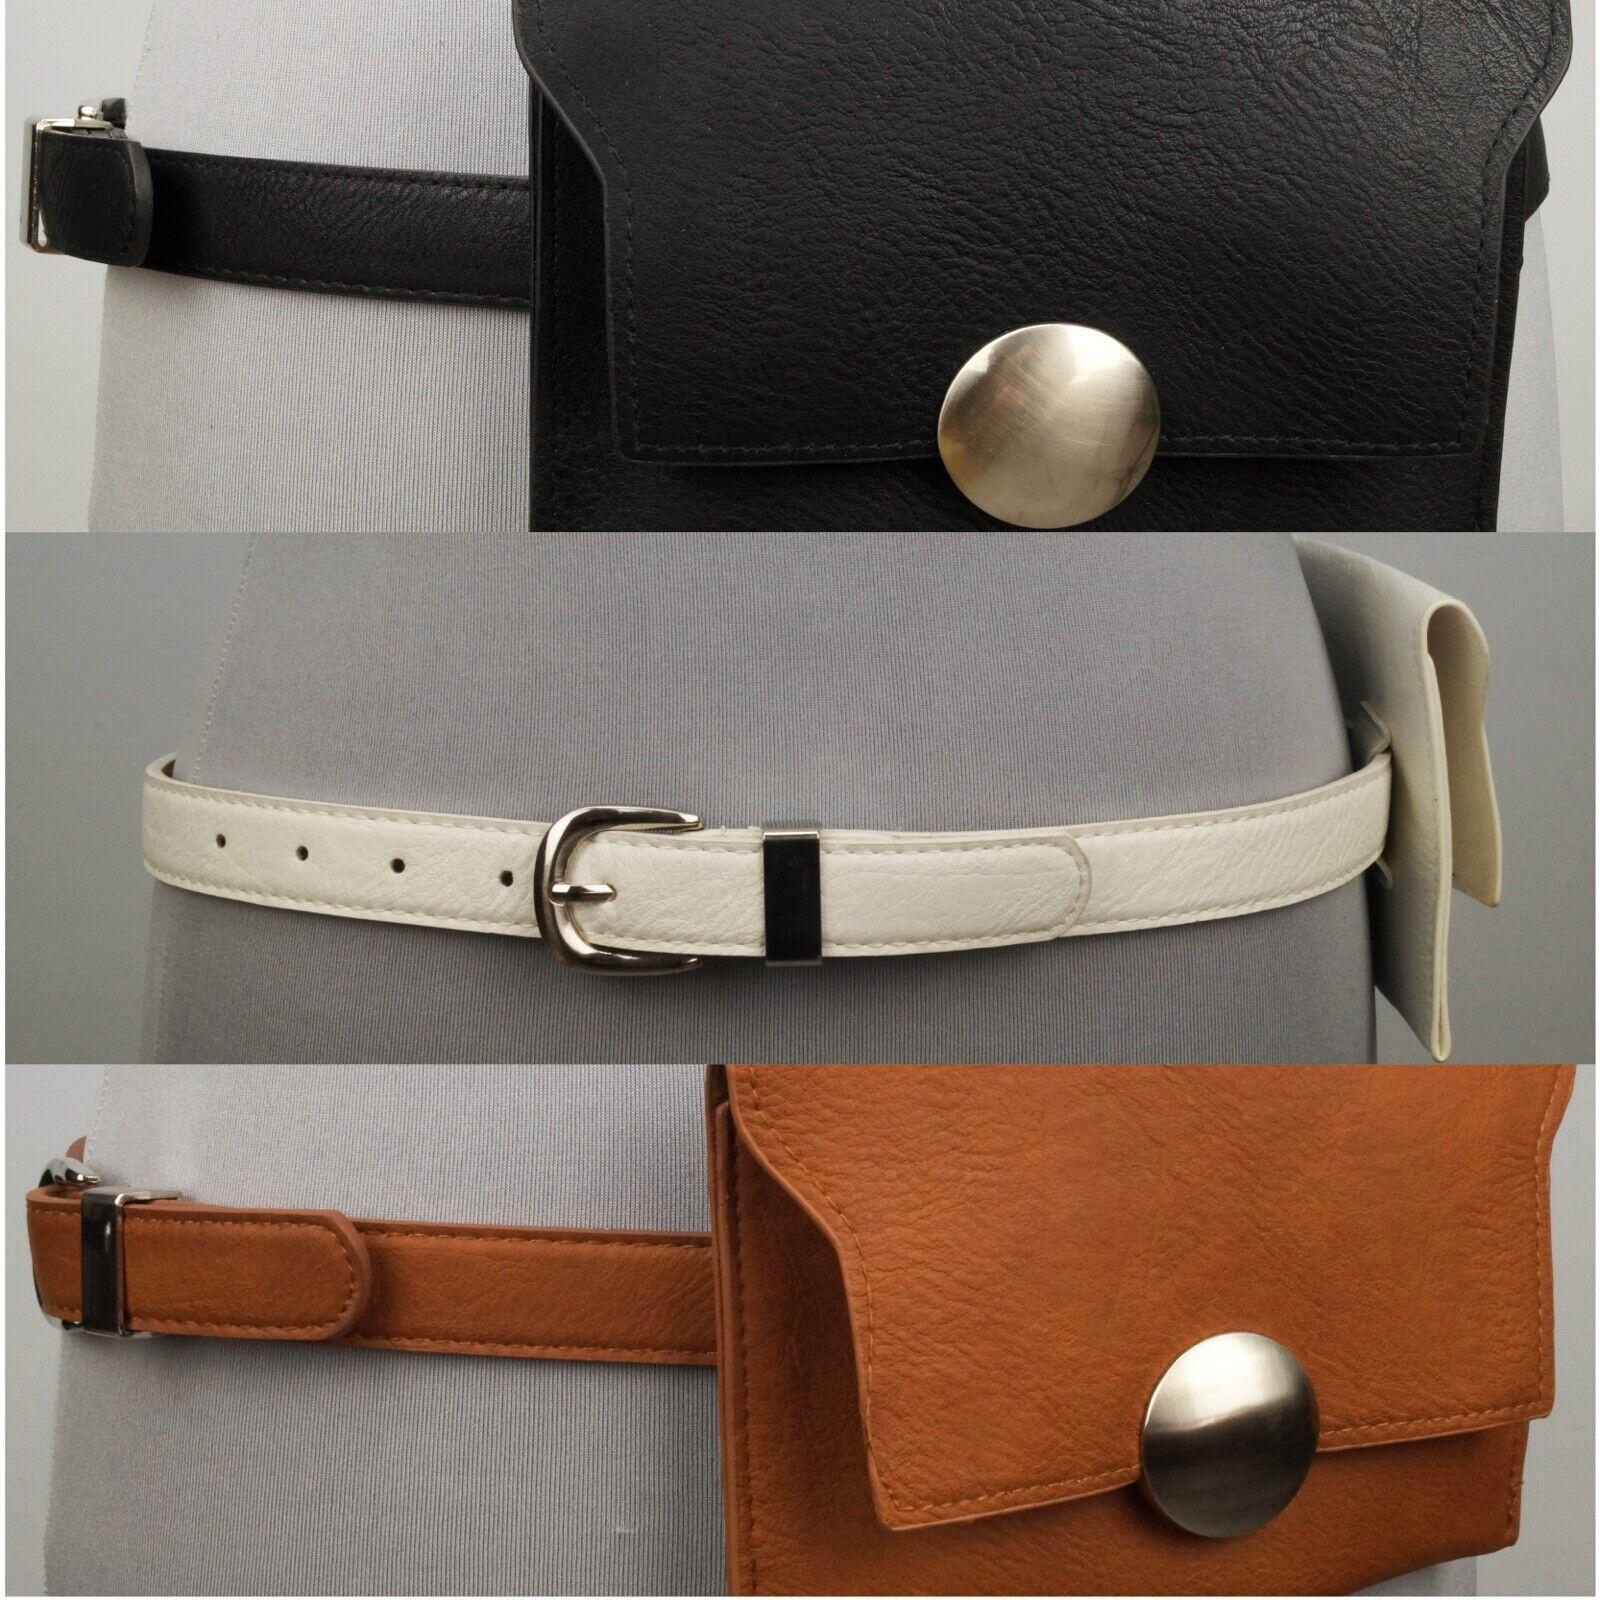 Damen Gürtel mit Tasche Gürteltasche Bauchtasche Hüfttasche 85 bis 100 cm  3165